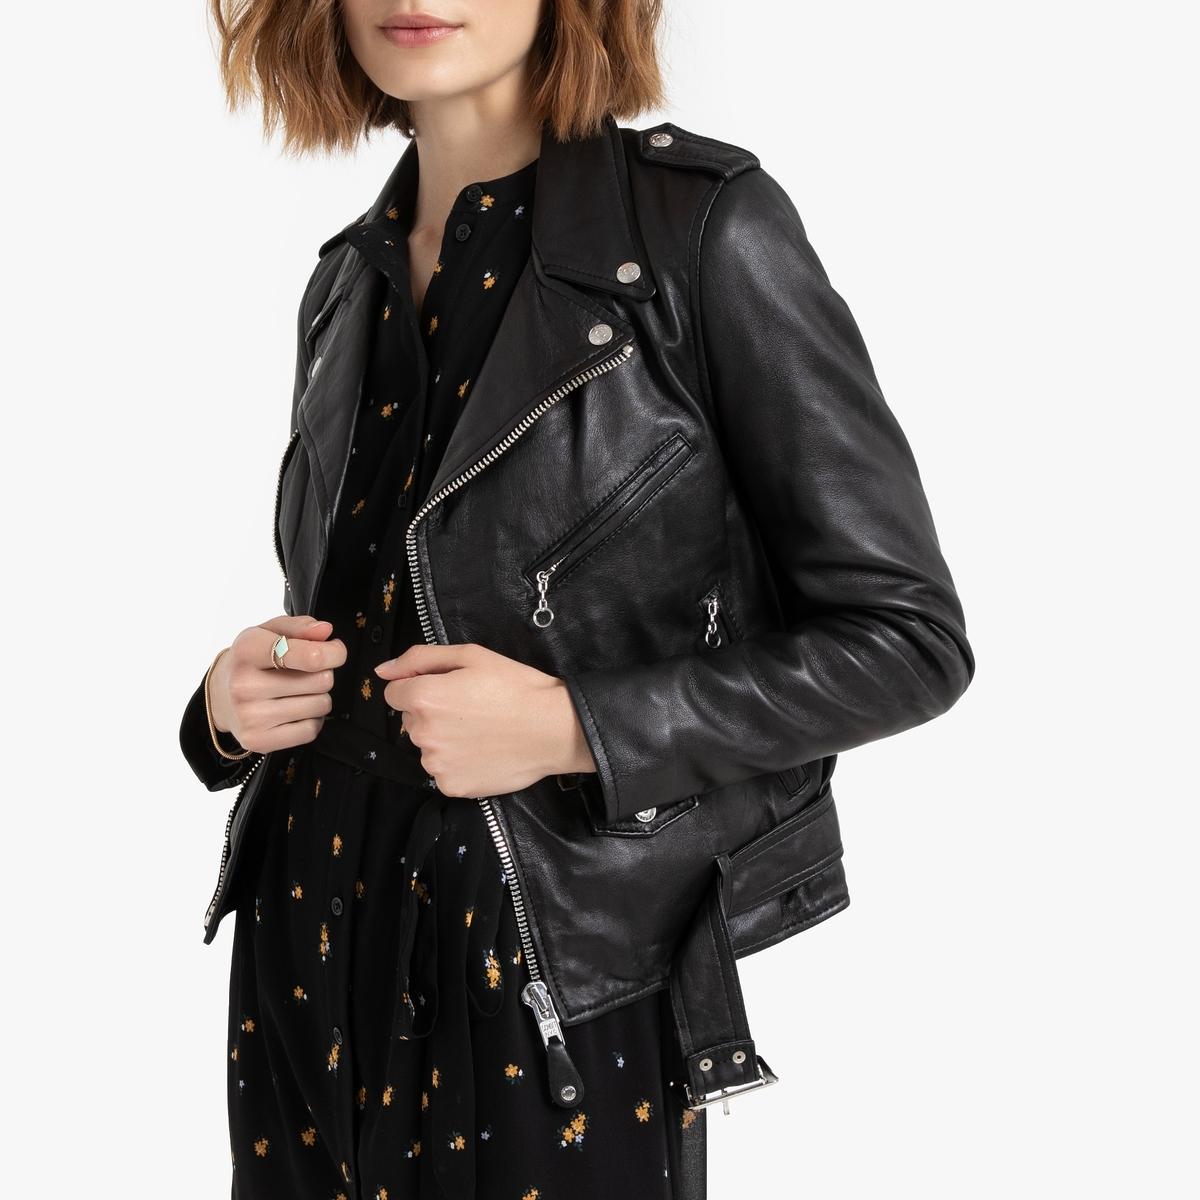 цена Куртка La Redoute В байкерском стиле из кожи ягненка LCW L черный онлайн в 2017 году